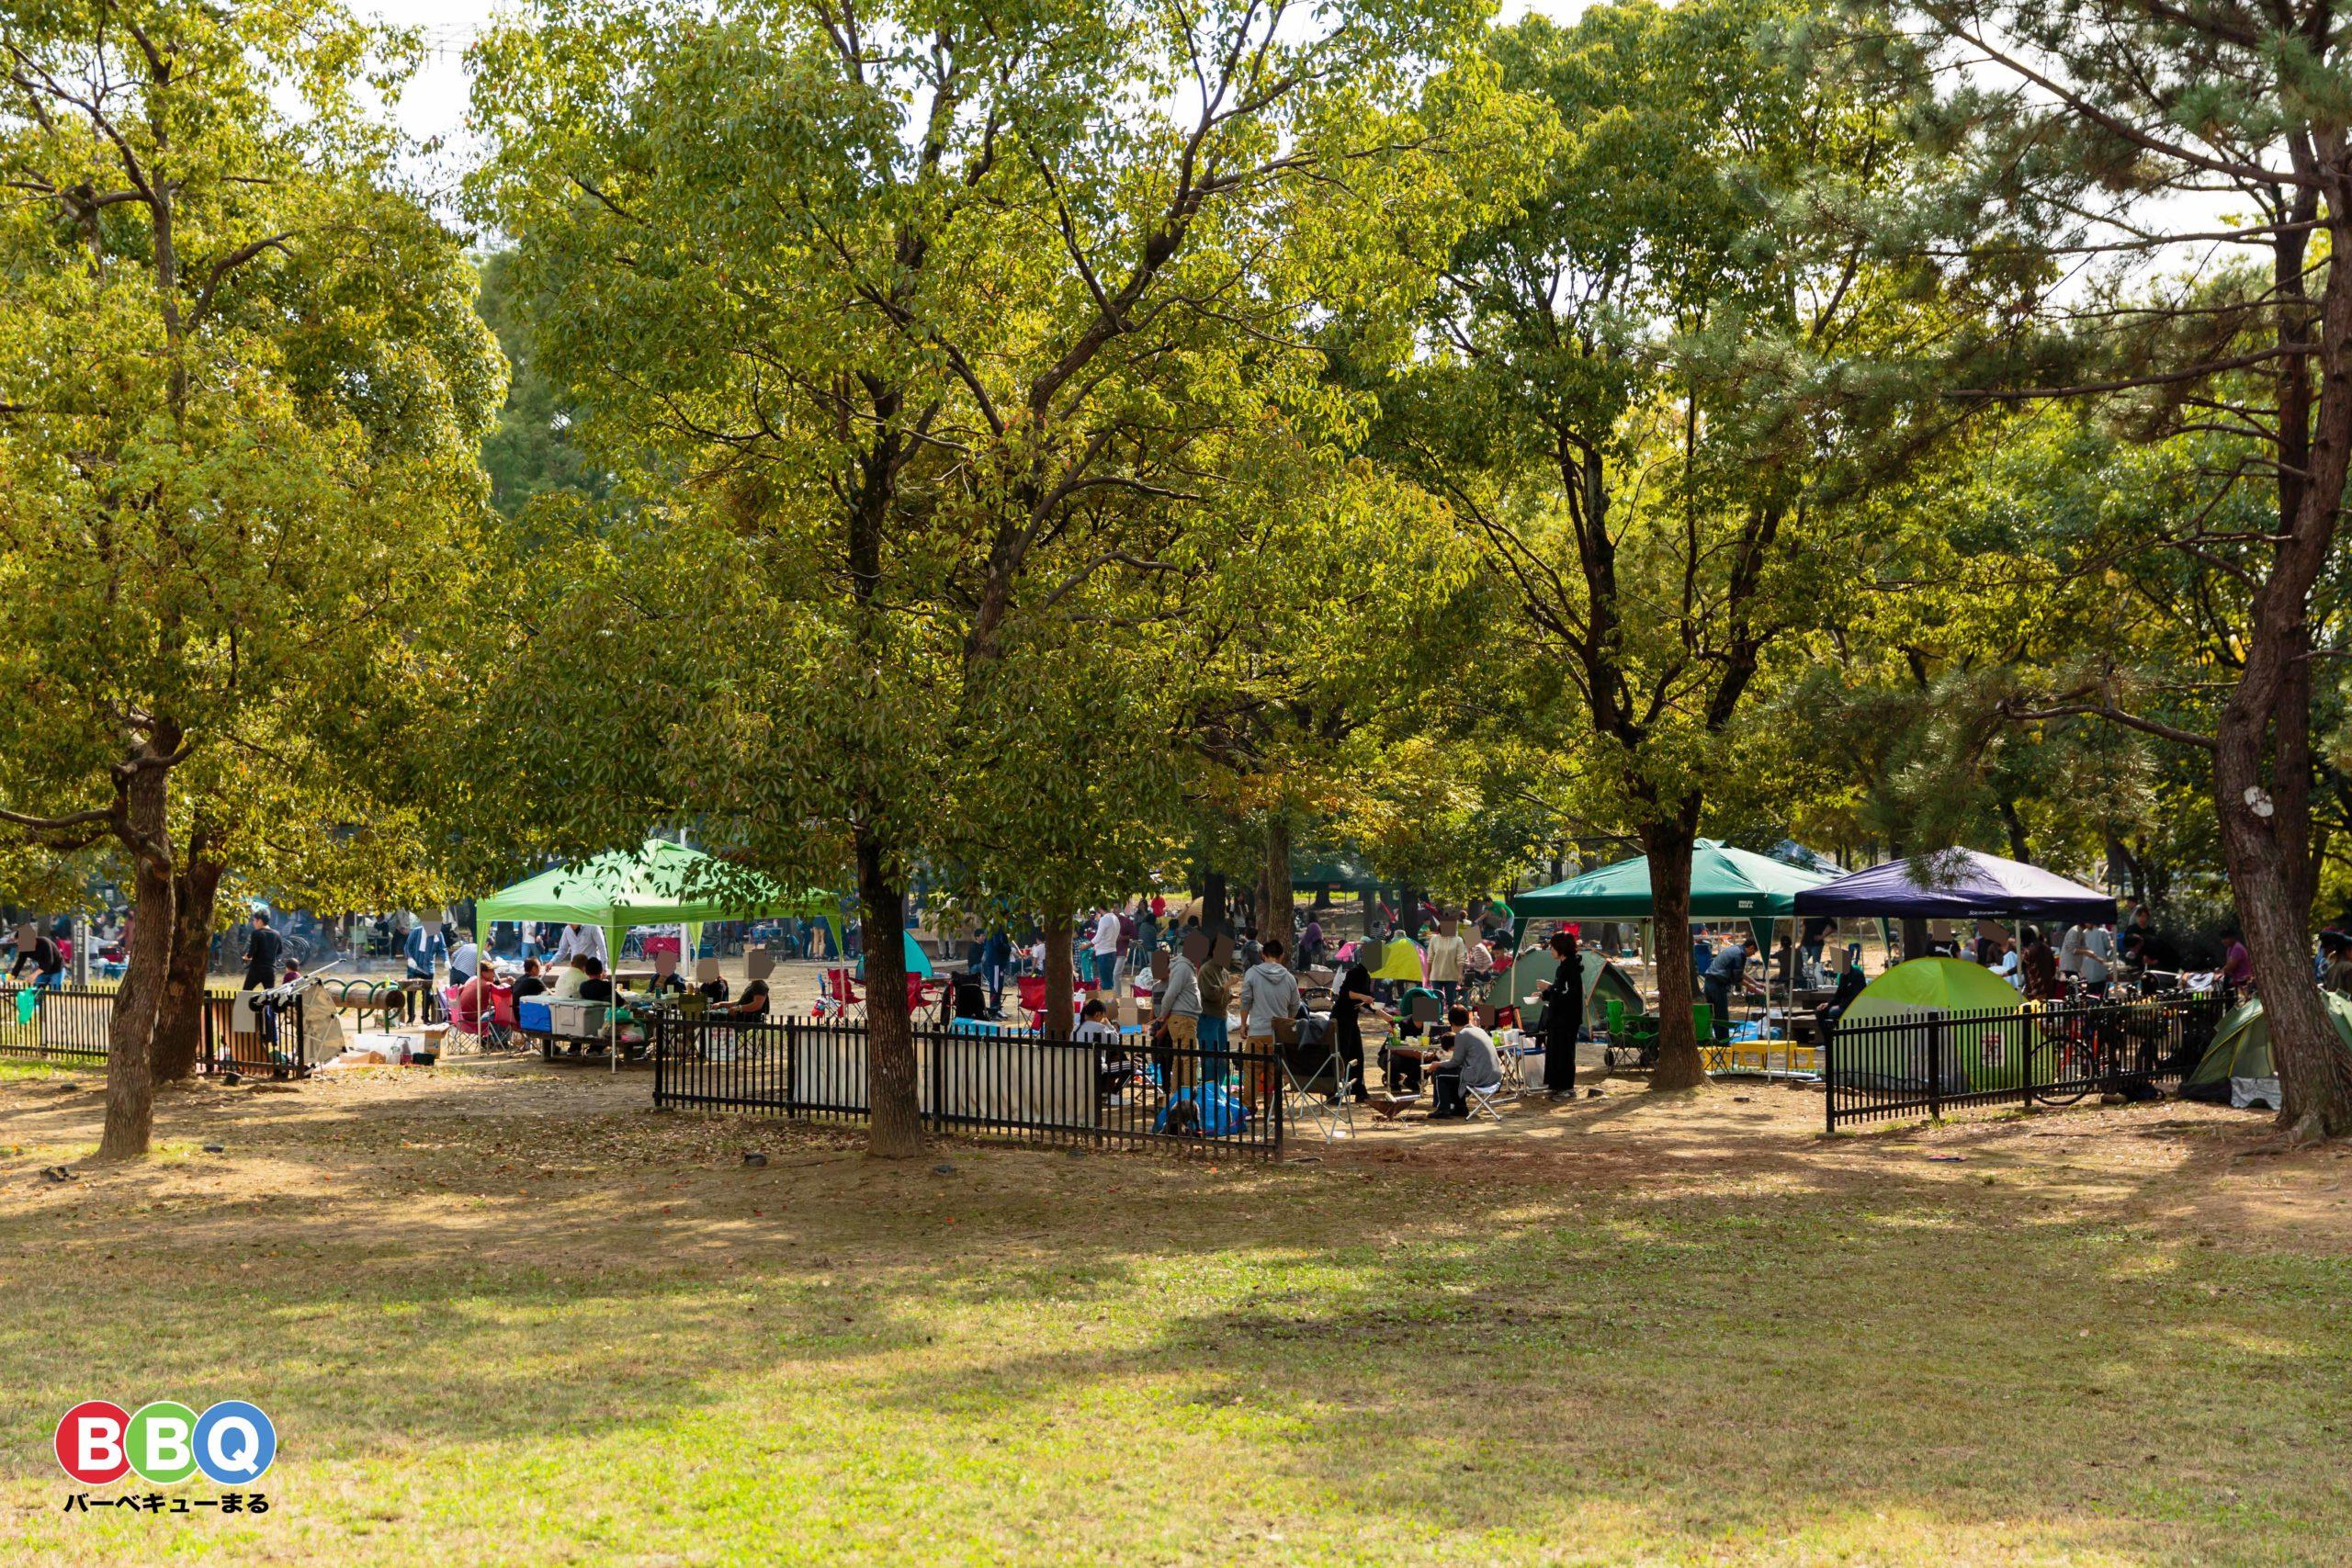 久宝寺緑地公園バーベキューエリア